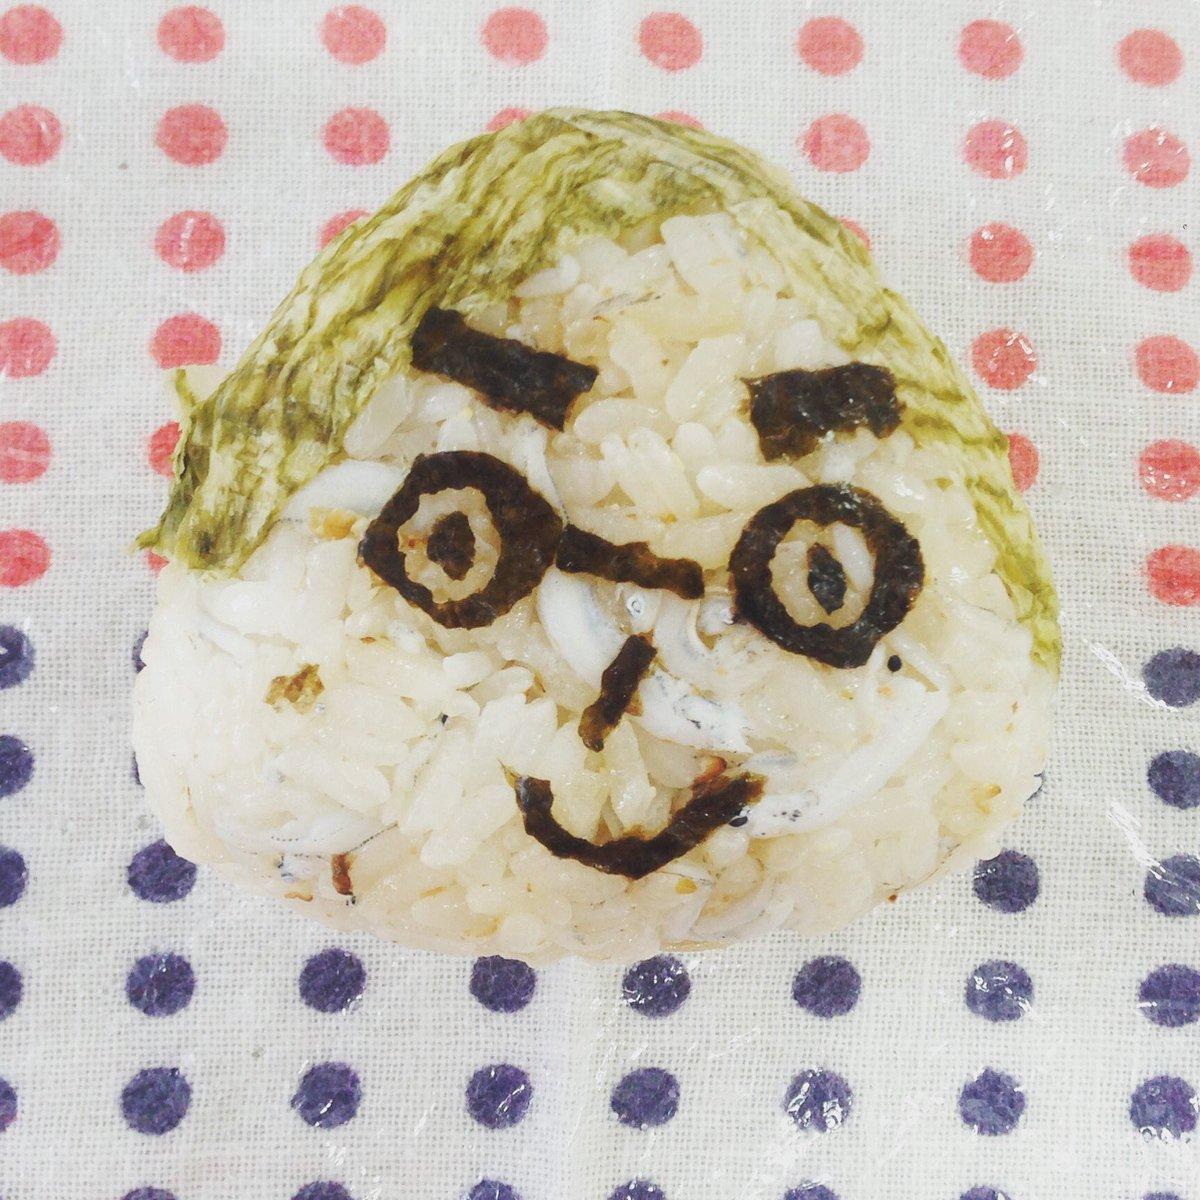 ジンガイキース。よく間違われますが日本人です。#今日の共食い #riceball #onigiri